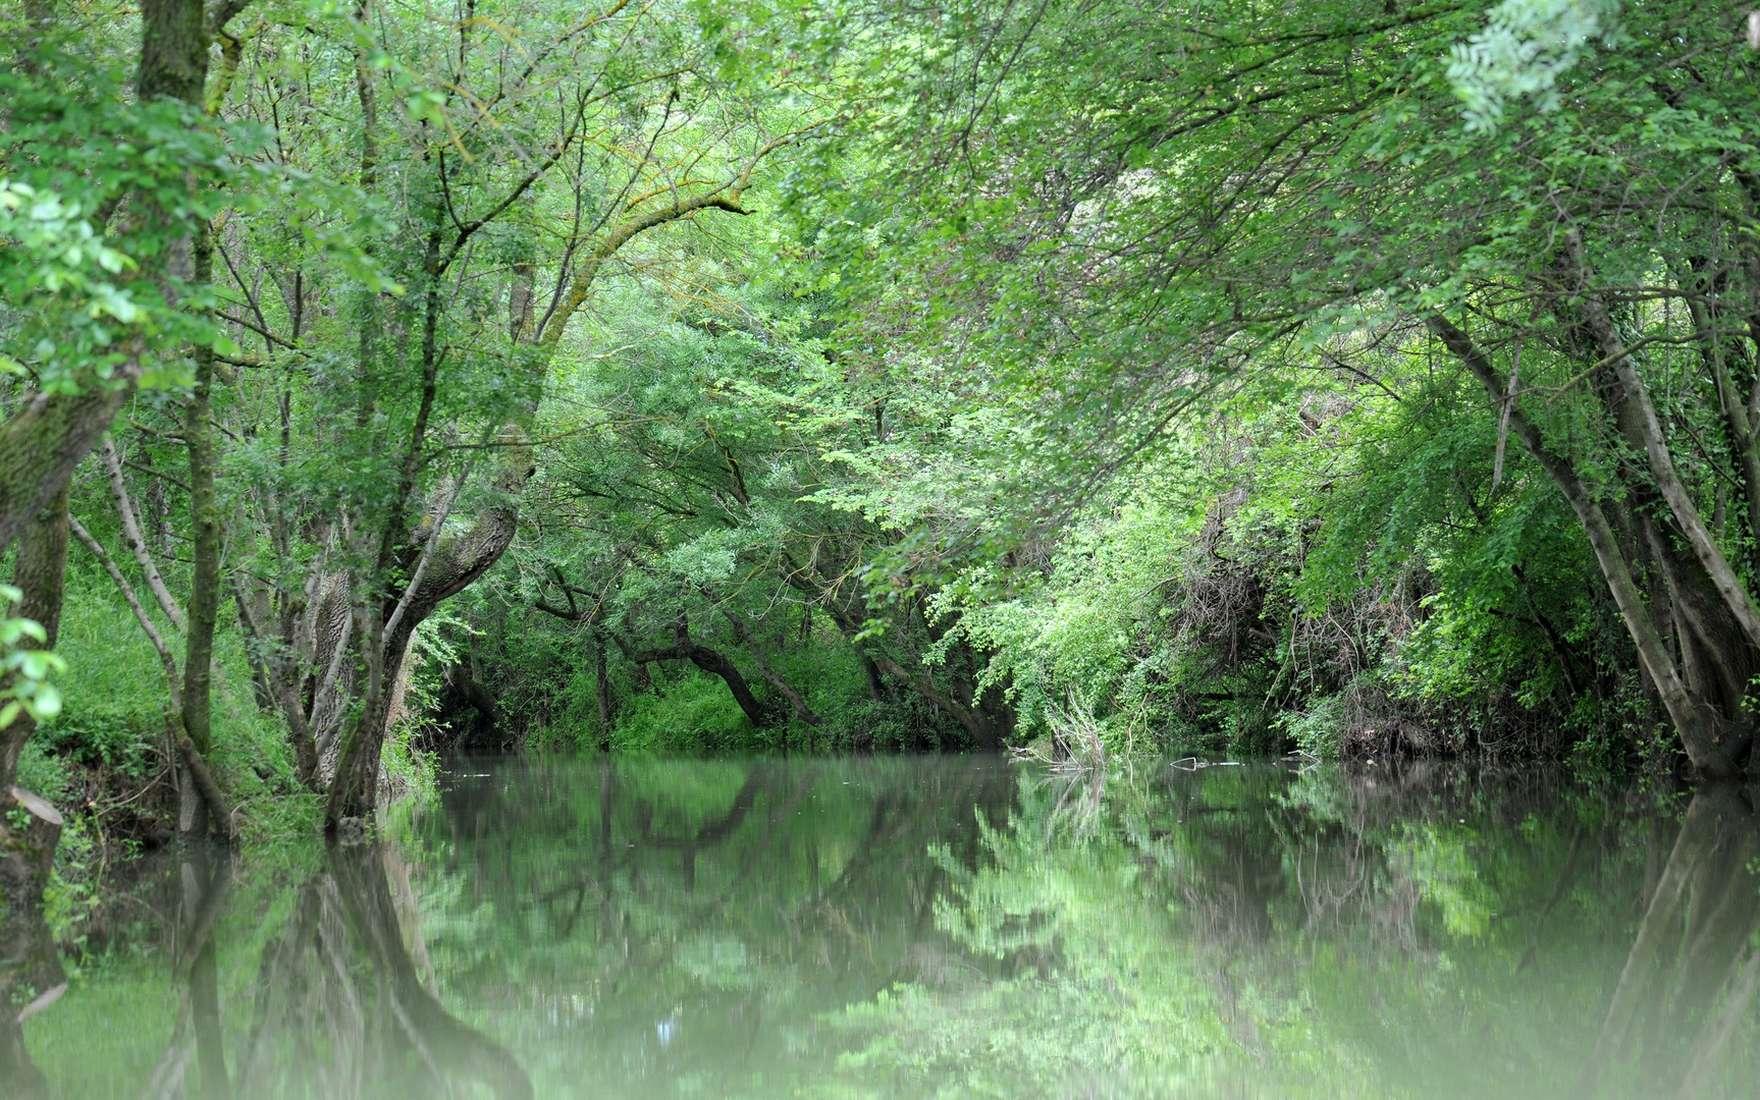 La ripisylve est l'ensemble de la végétation boisée située à proximité des cours d'eau. © cynoclub, Fotolia